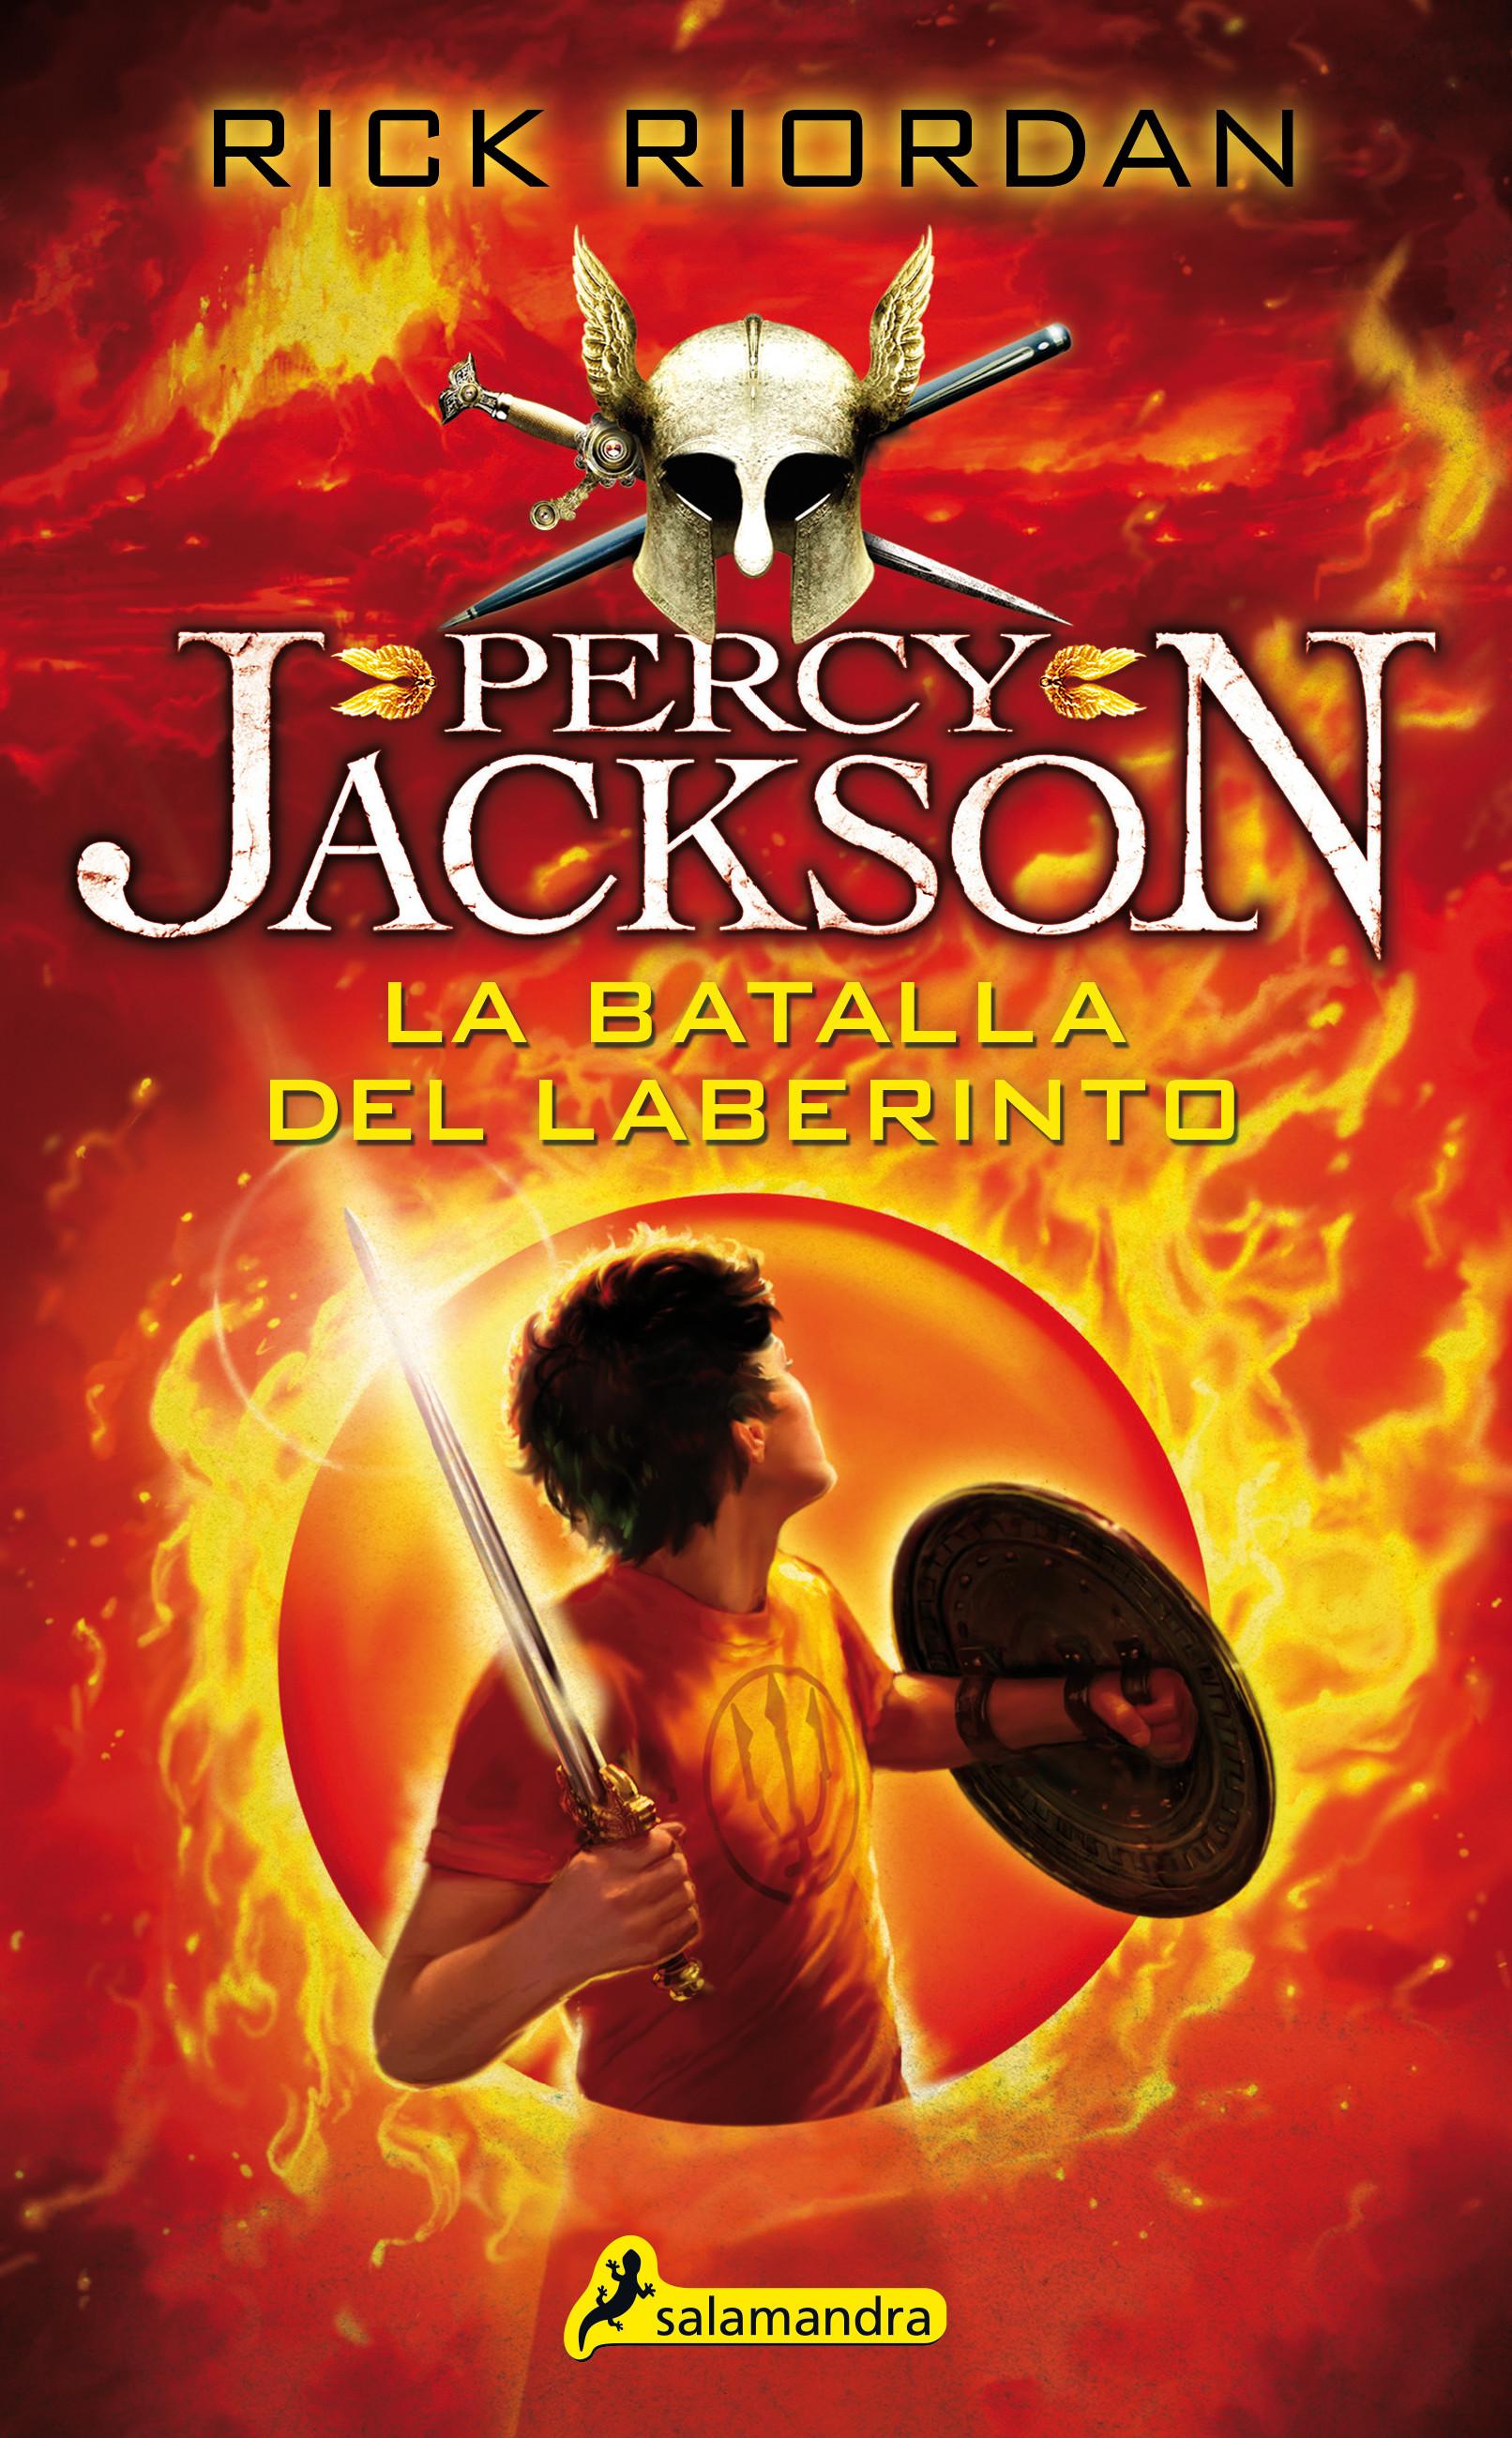 La batalla del laberinto (Percy Jackson y los dioses del Olimpo 4)